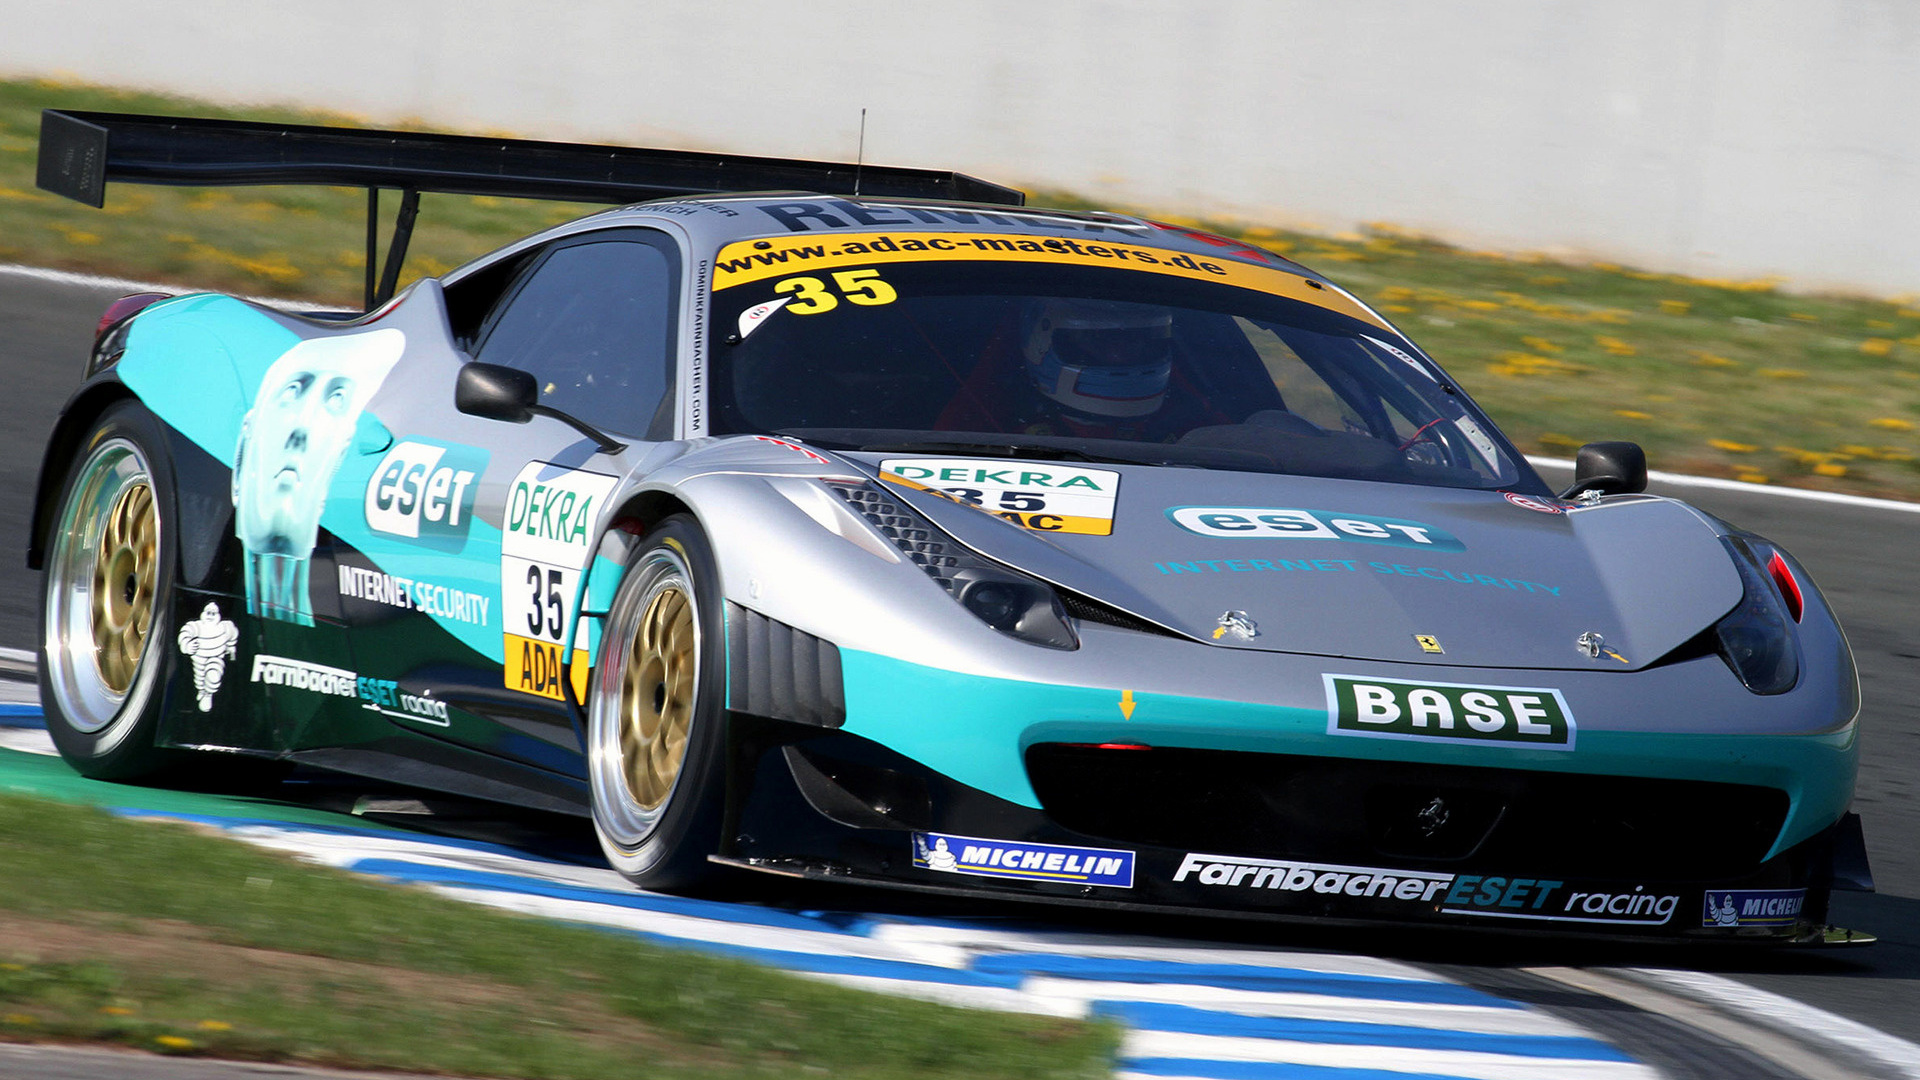 Ferrari 458 Italia Gt3 2011 Wallpapers And Hd Images Car Pixel